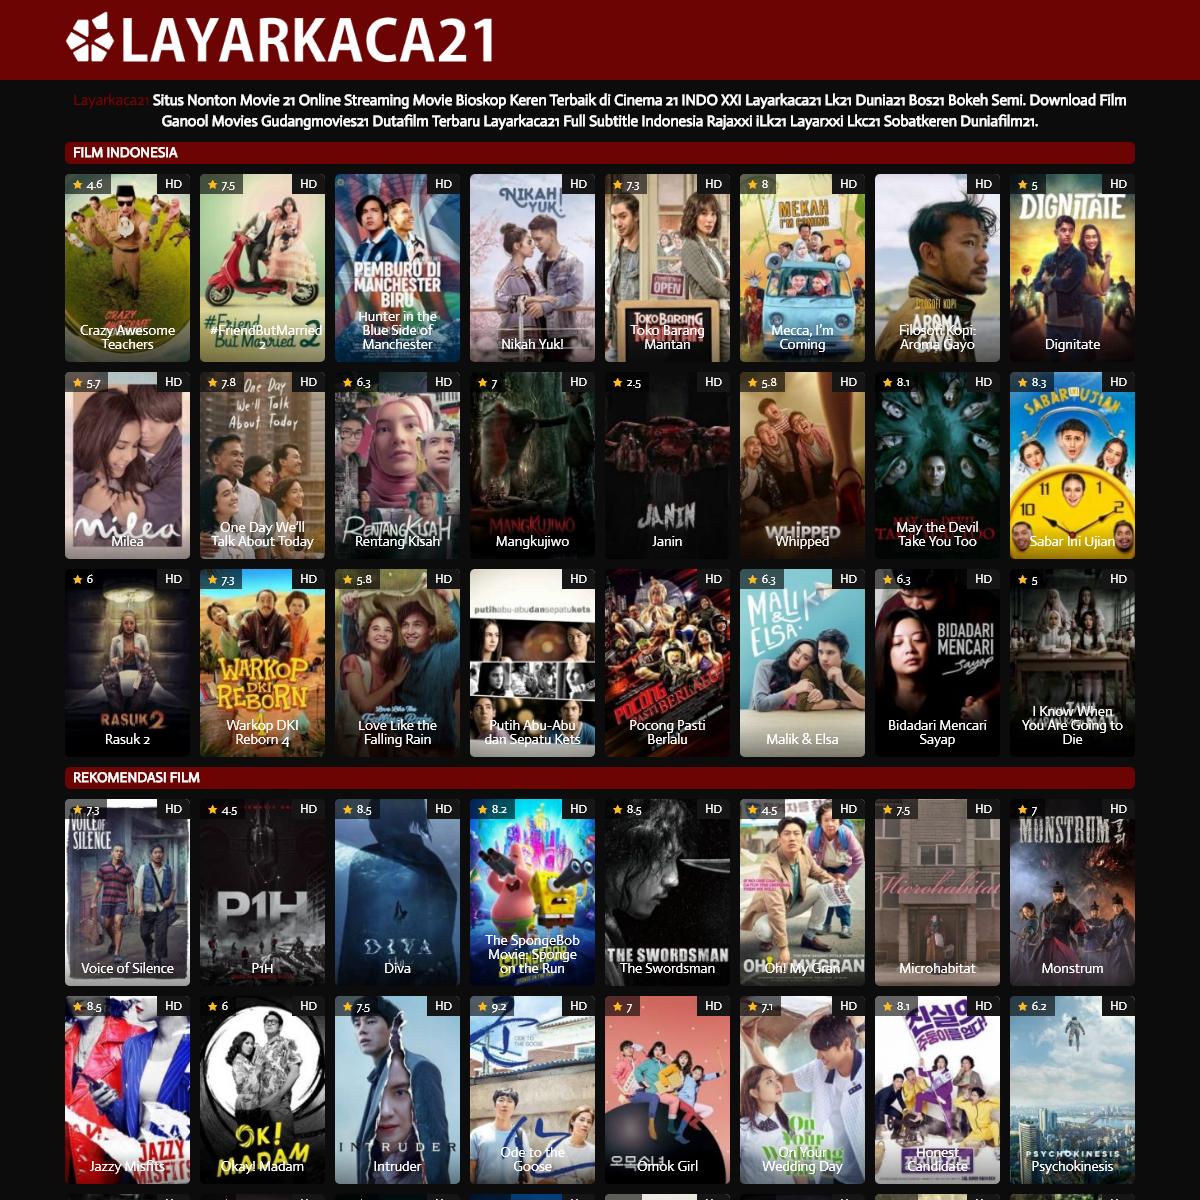 Layarkaca21 Nonton Movie Bioskop 21 Lk21 Dunia21 Indoxx1